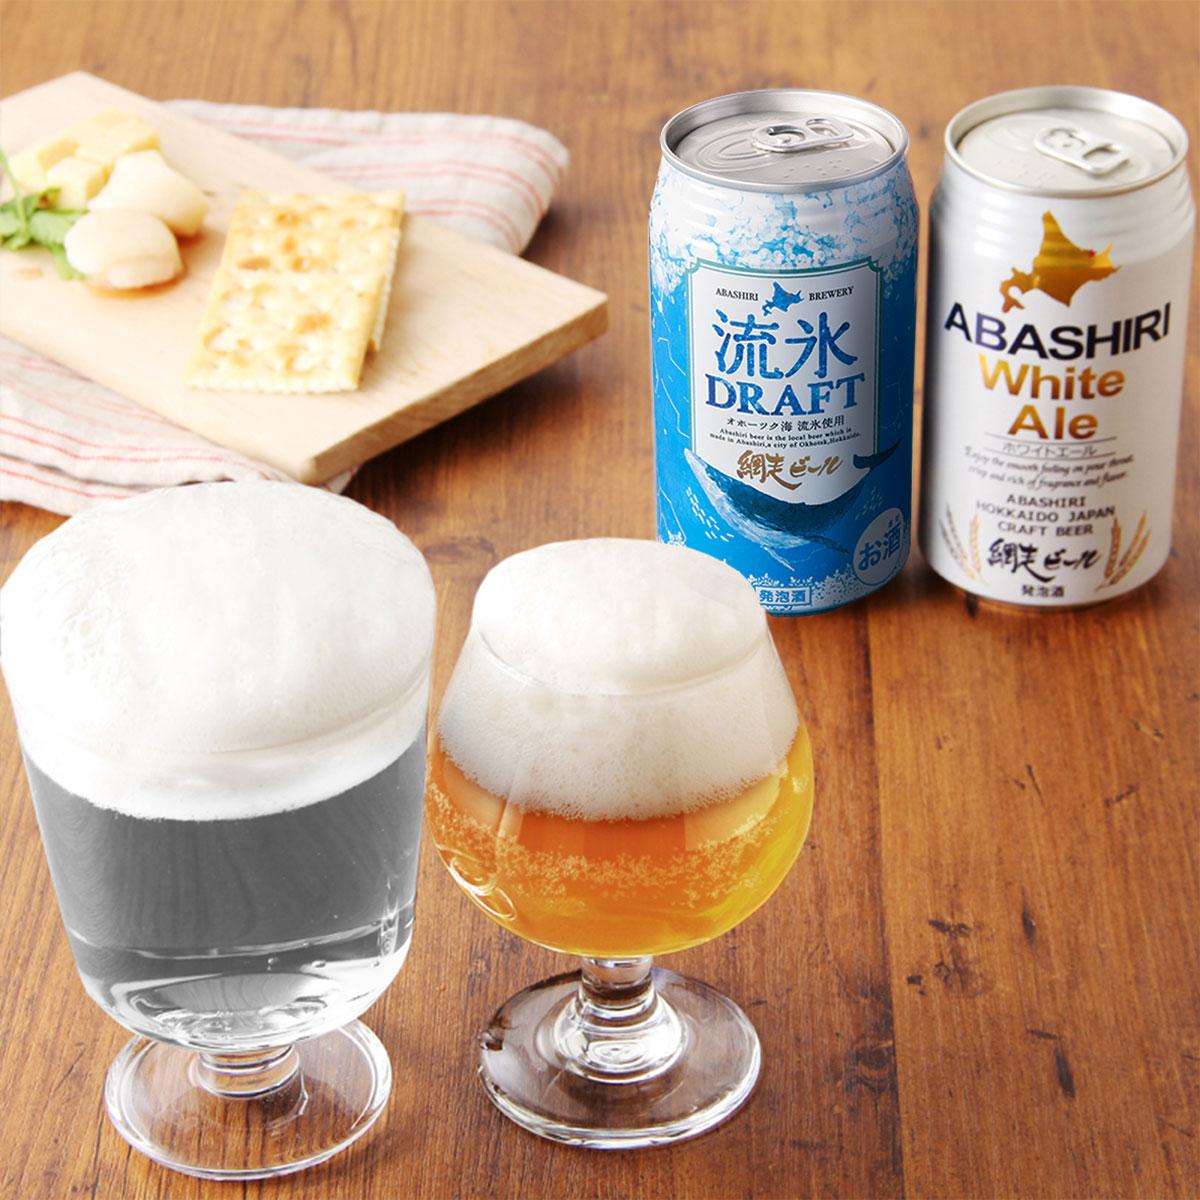 網走ビール 15缶セット〔流氷ドラフト350ml×5本、ABASHIRI White Ale350ml×10本〕【沖縄・離島 お届け不可】